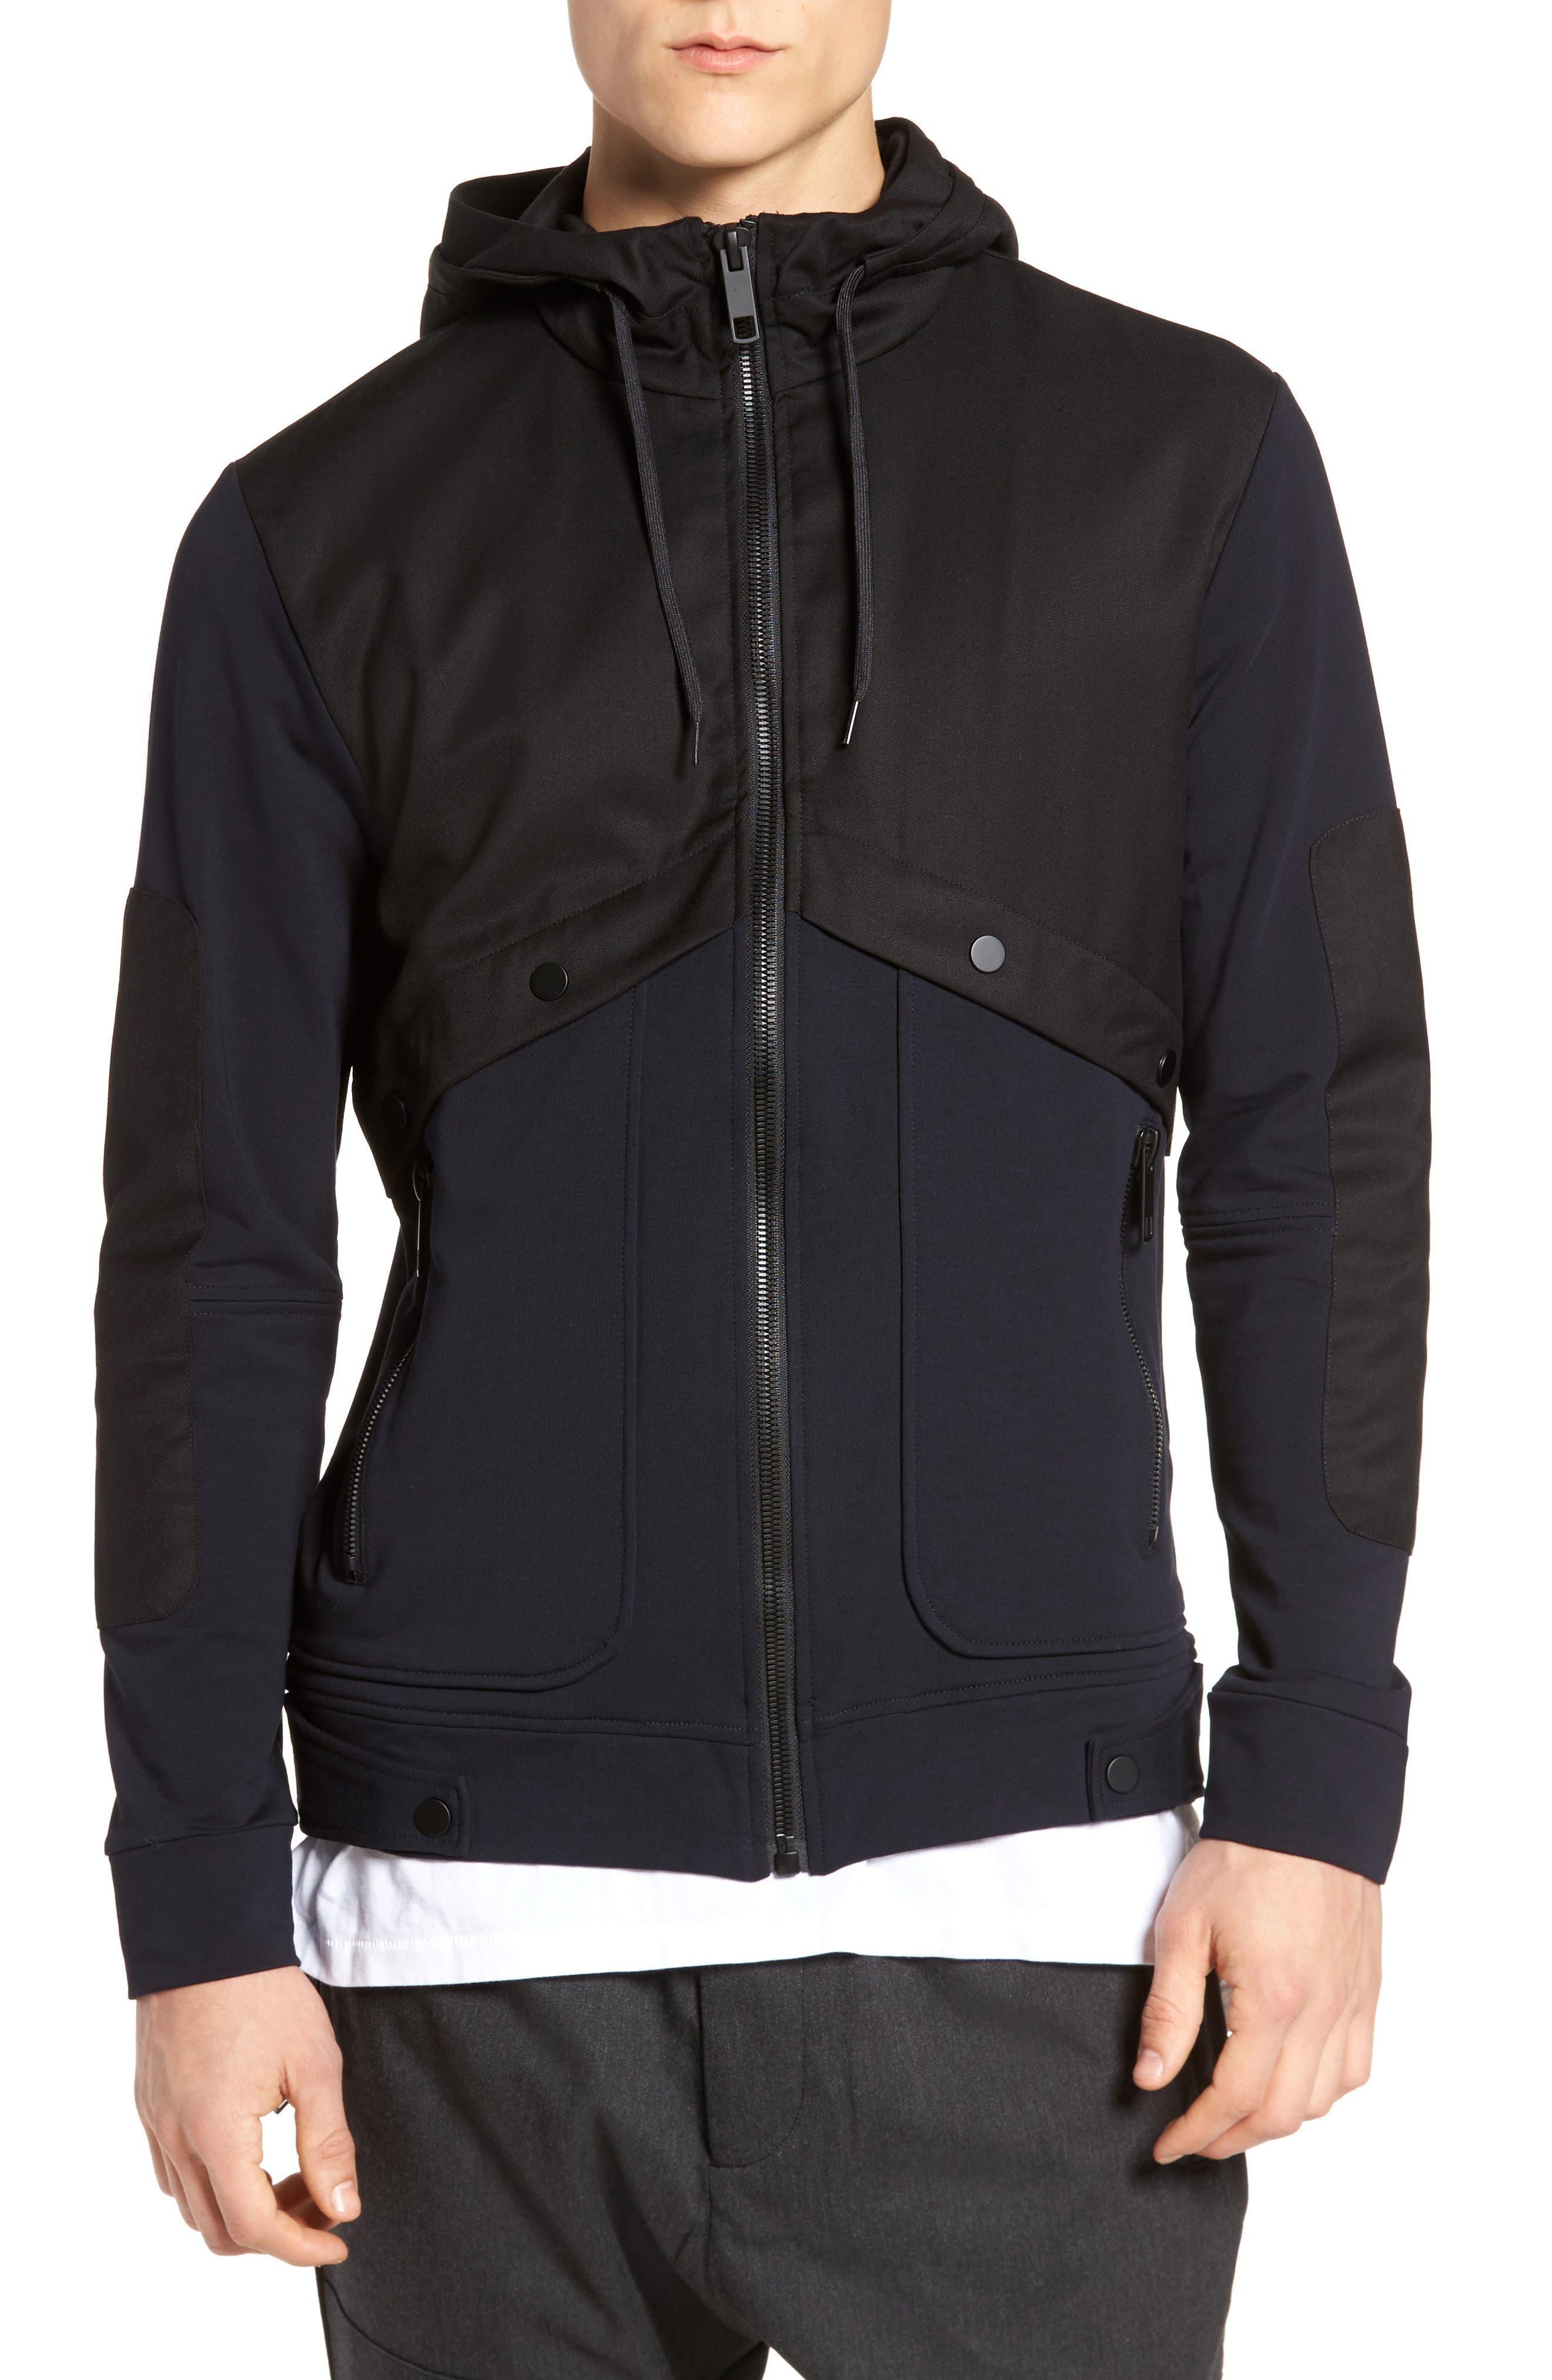 Fleece Zip Up Jacket,                         Main,                         color, Black